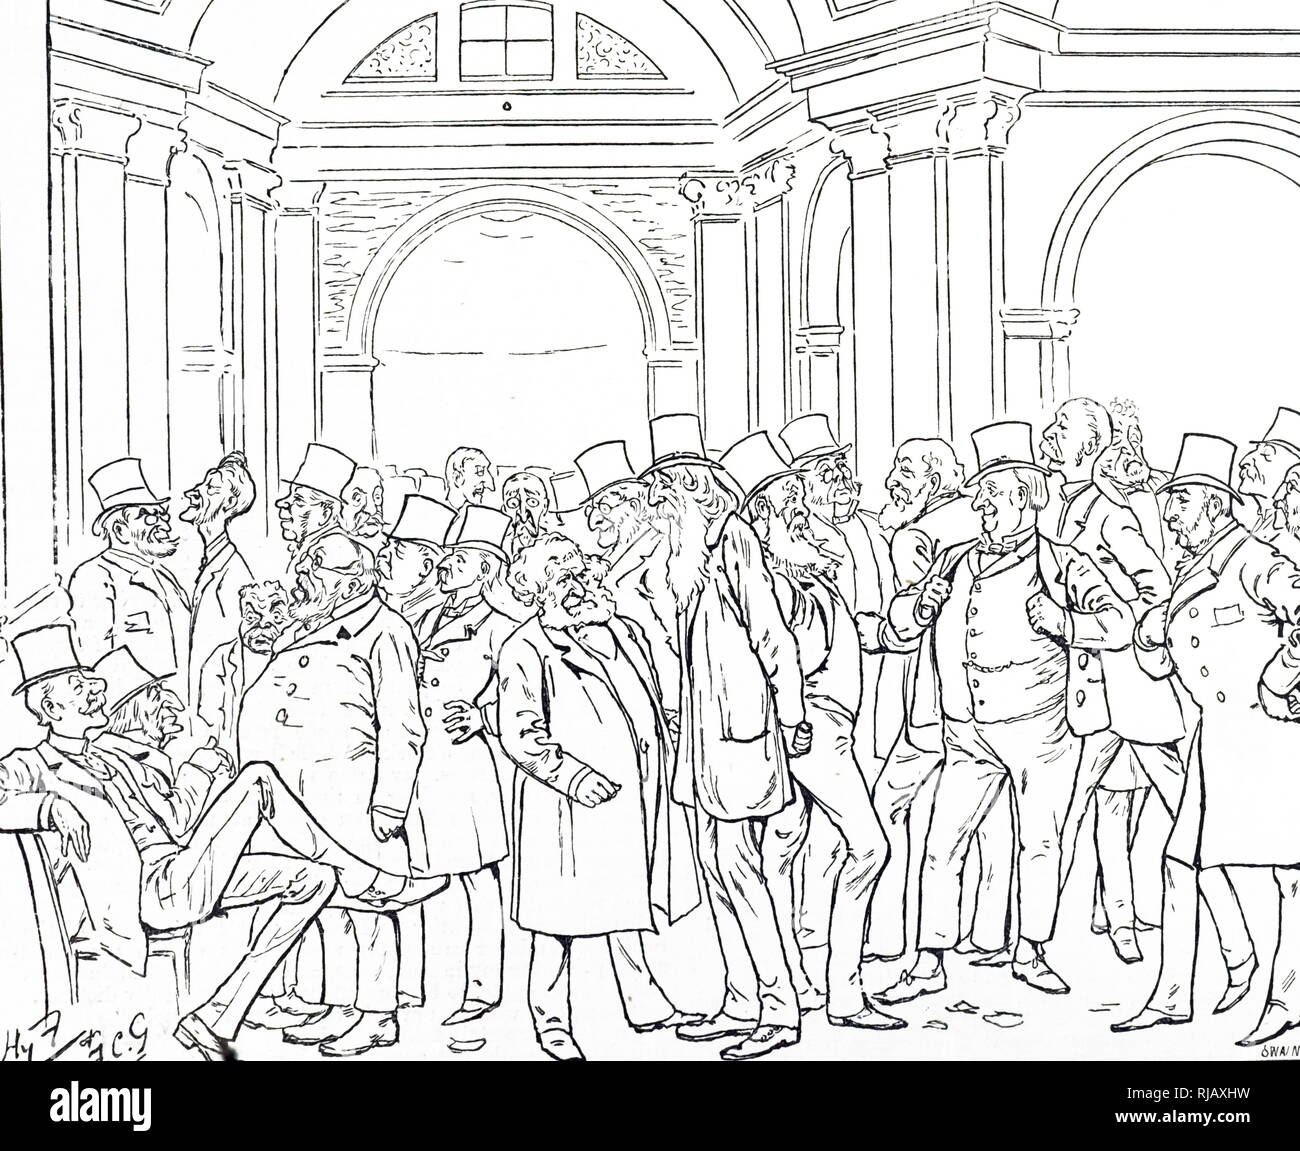 Un cartoon raffigurante una scena caotica presso la Borsa di Londra. Illustrato da Harry Furniss (1854-1925) un artista irlandese e illustrator. Datata del XIX secolo Immagini Stock